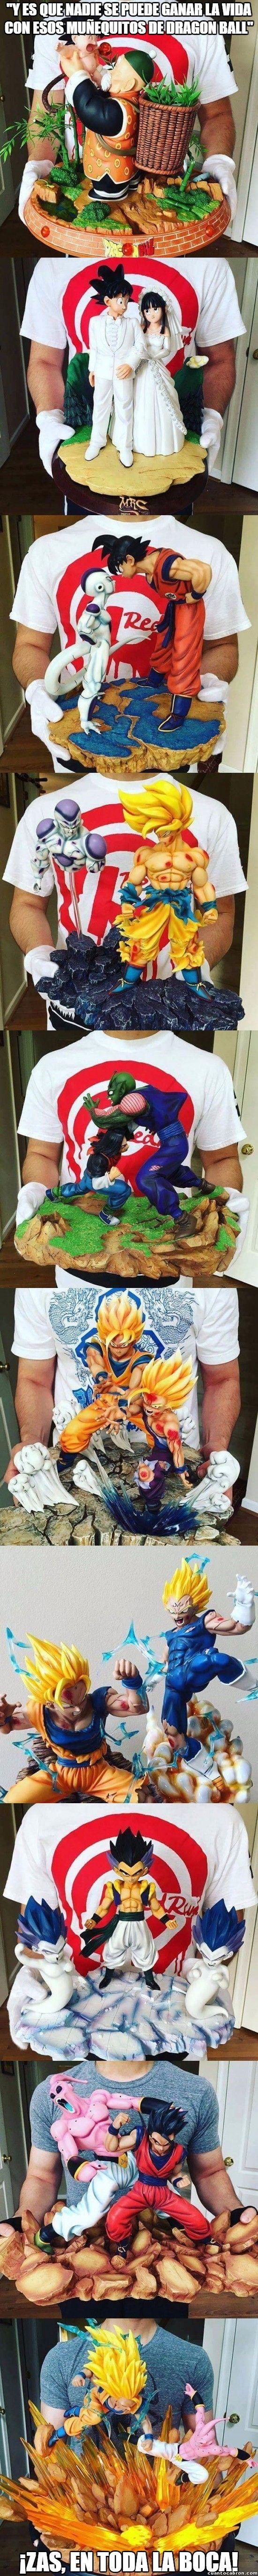 Figuras de Dragon Ball que darías tu vida por tenerlas Gracias a http://www.cuantocabron.com/ Si quieres leer la noticia completa visita: http://www.estoy-aburrido.com/figuras-de-dragon-ball-que-darias-tu-vida-por-tenerlas/